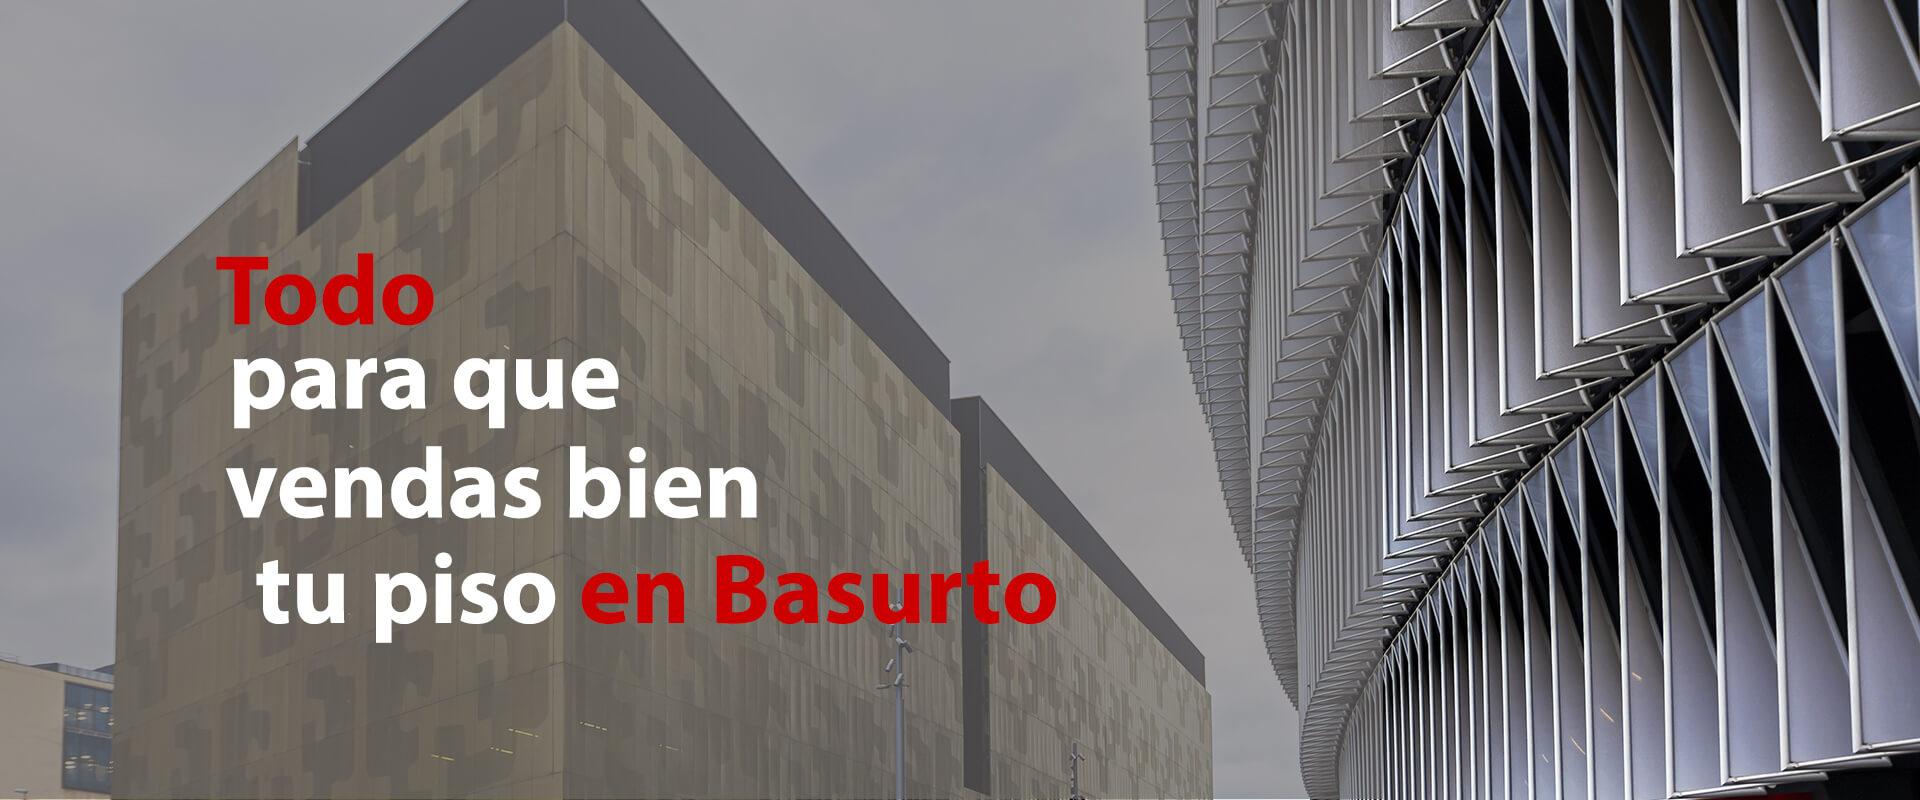 ondere inmobiliaria en Basurto